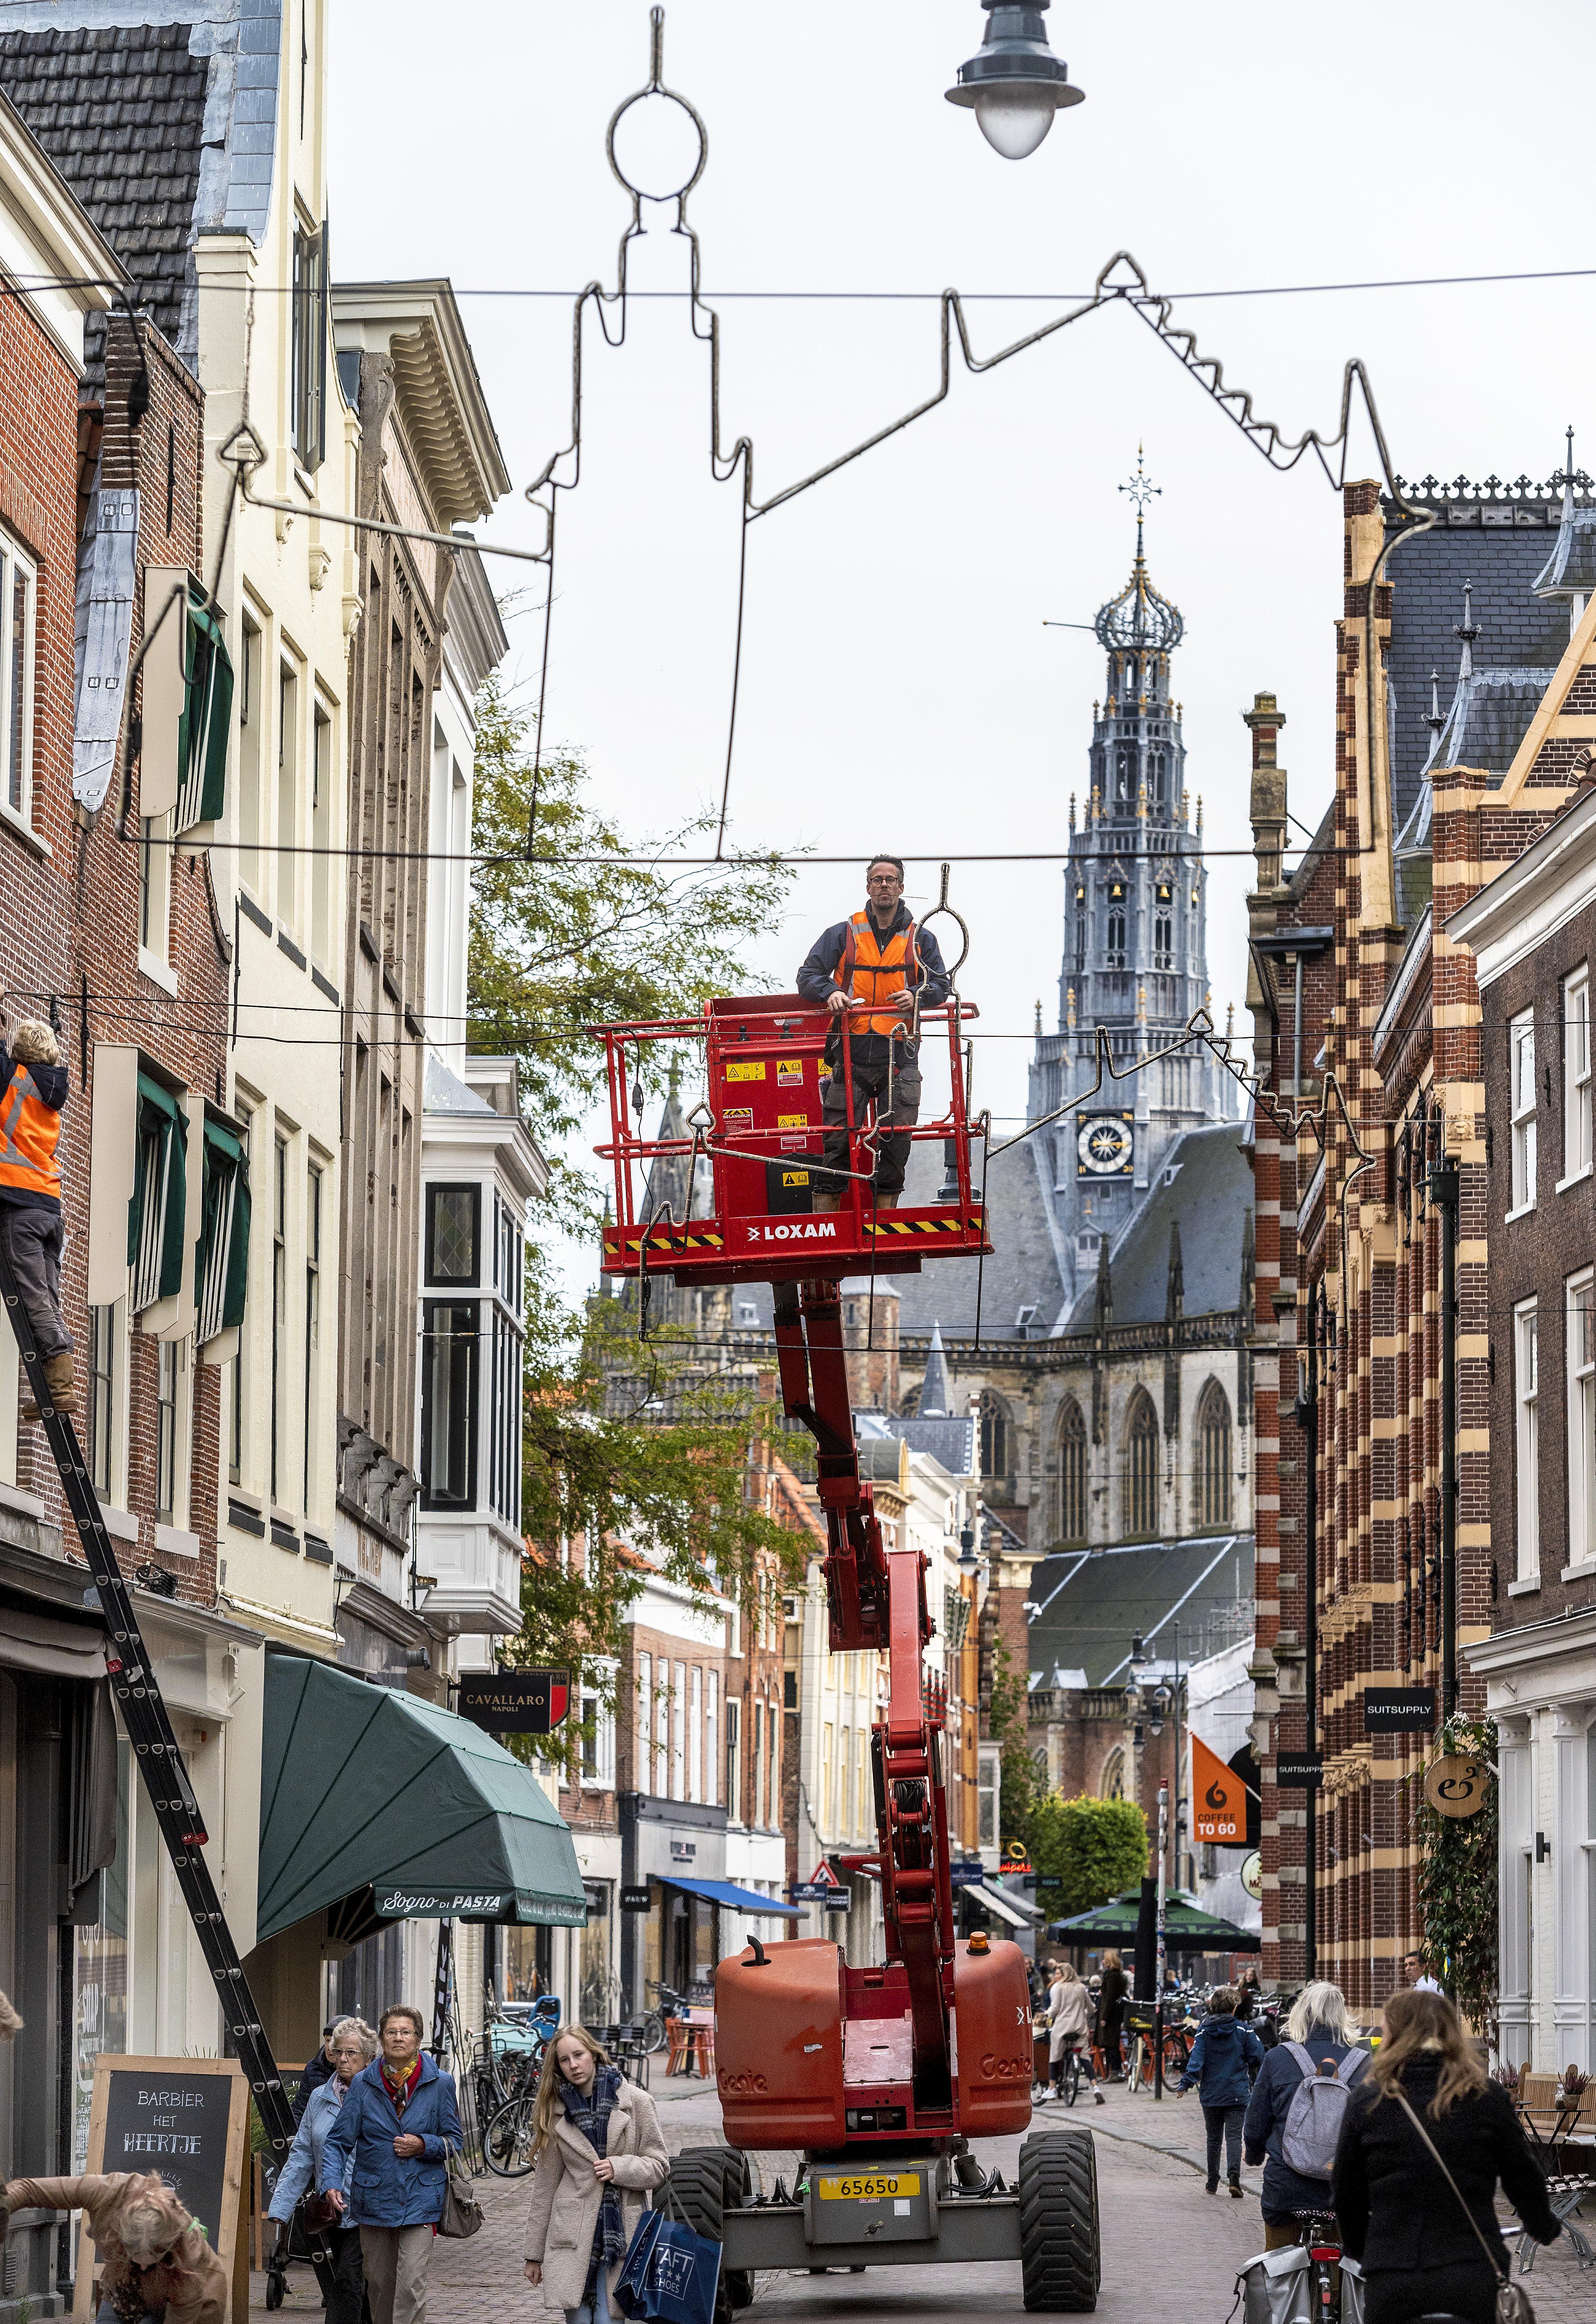 Alles is anders dit jaar in Haarlem, behalve de feestverlichting